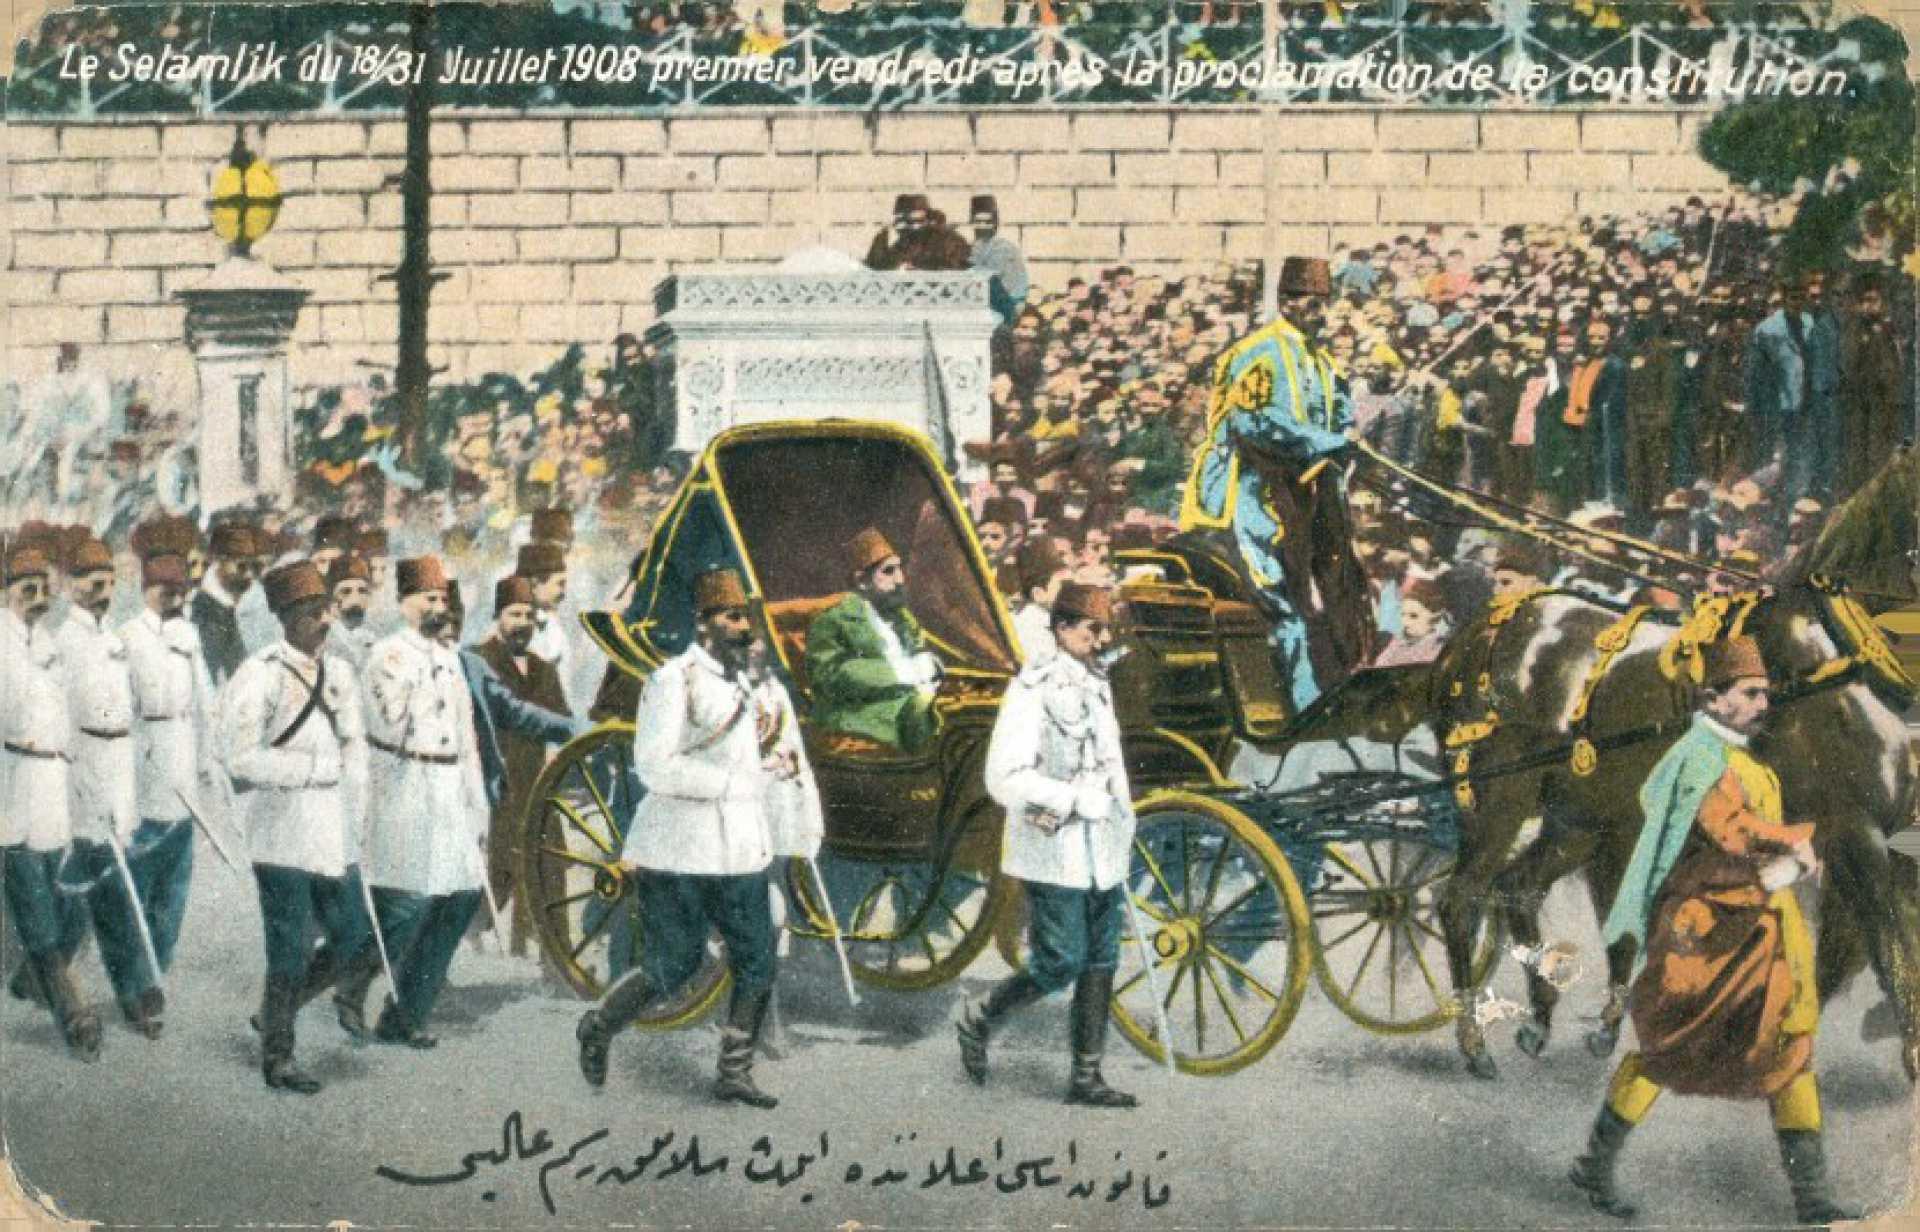 Le Selamlik du 18/31 Juillet 1908 premier vendredi apnes la proclamation de la constitution